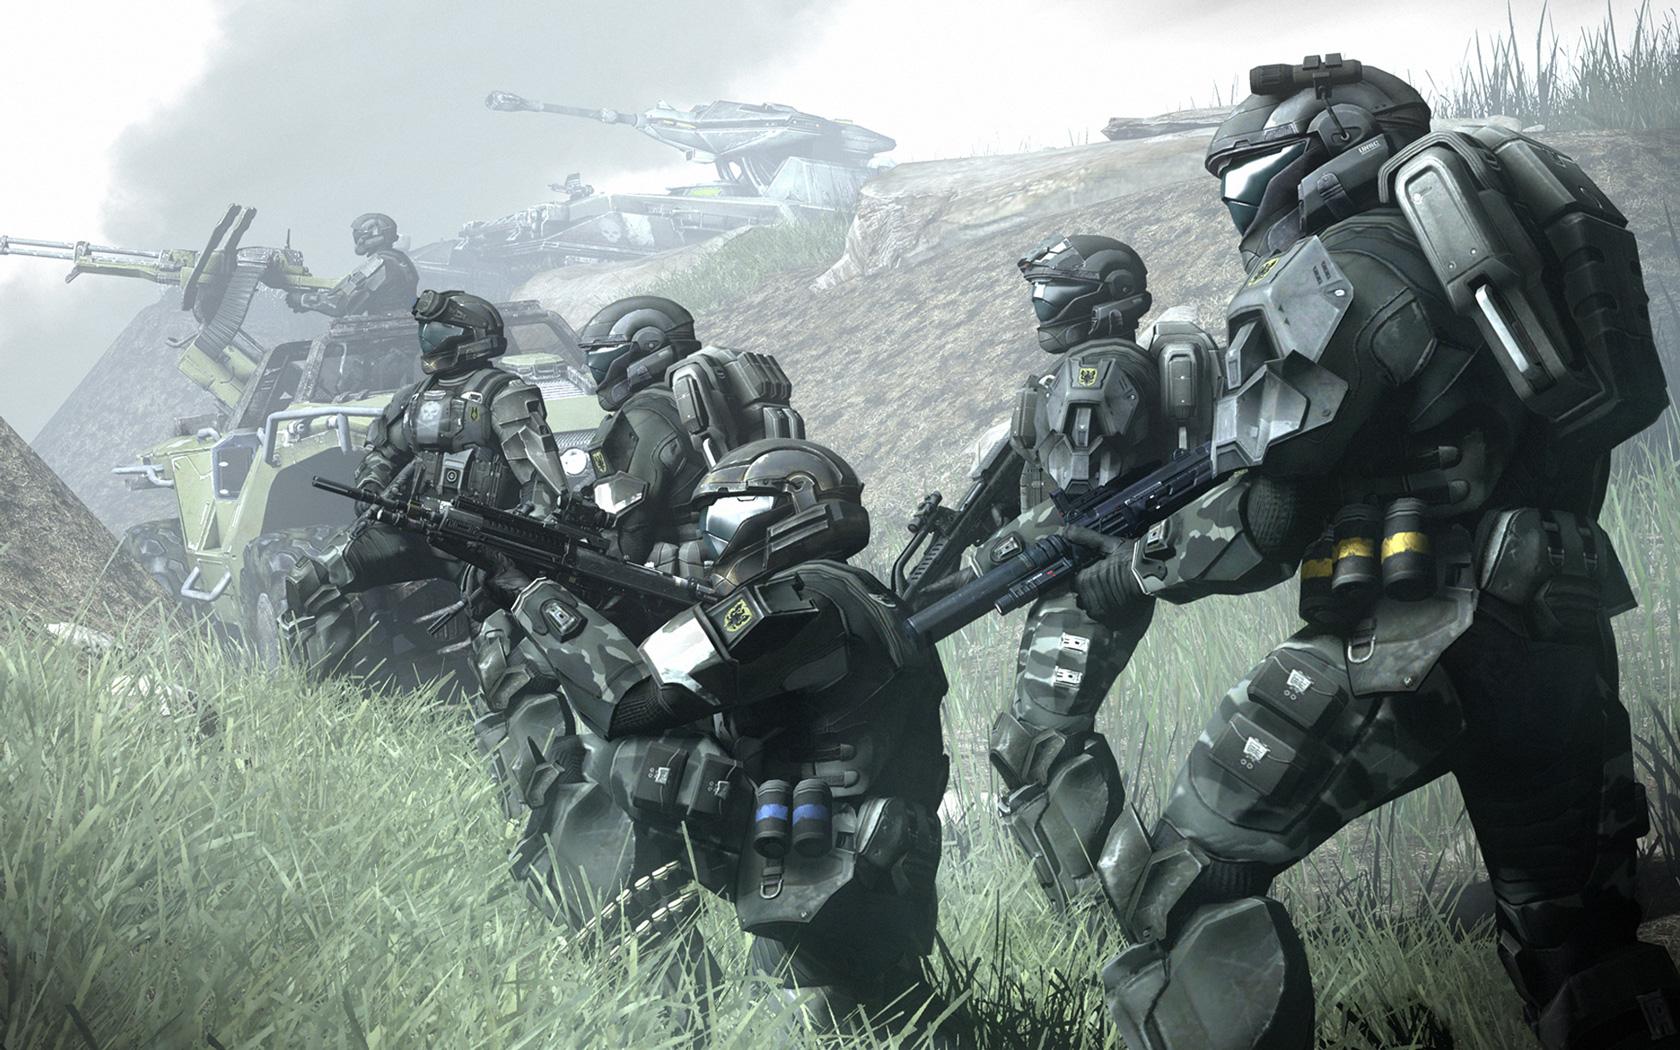 Halo 3: ODST Wallpaper in 1680x1050